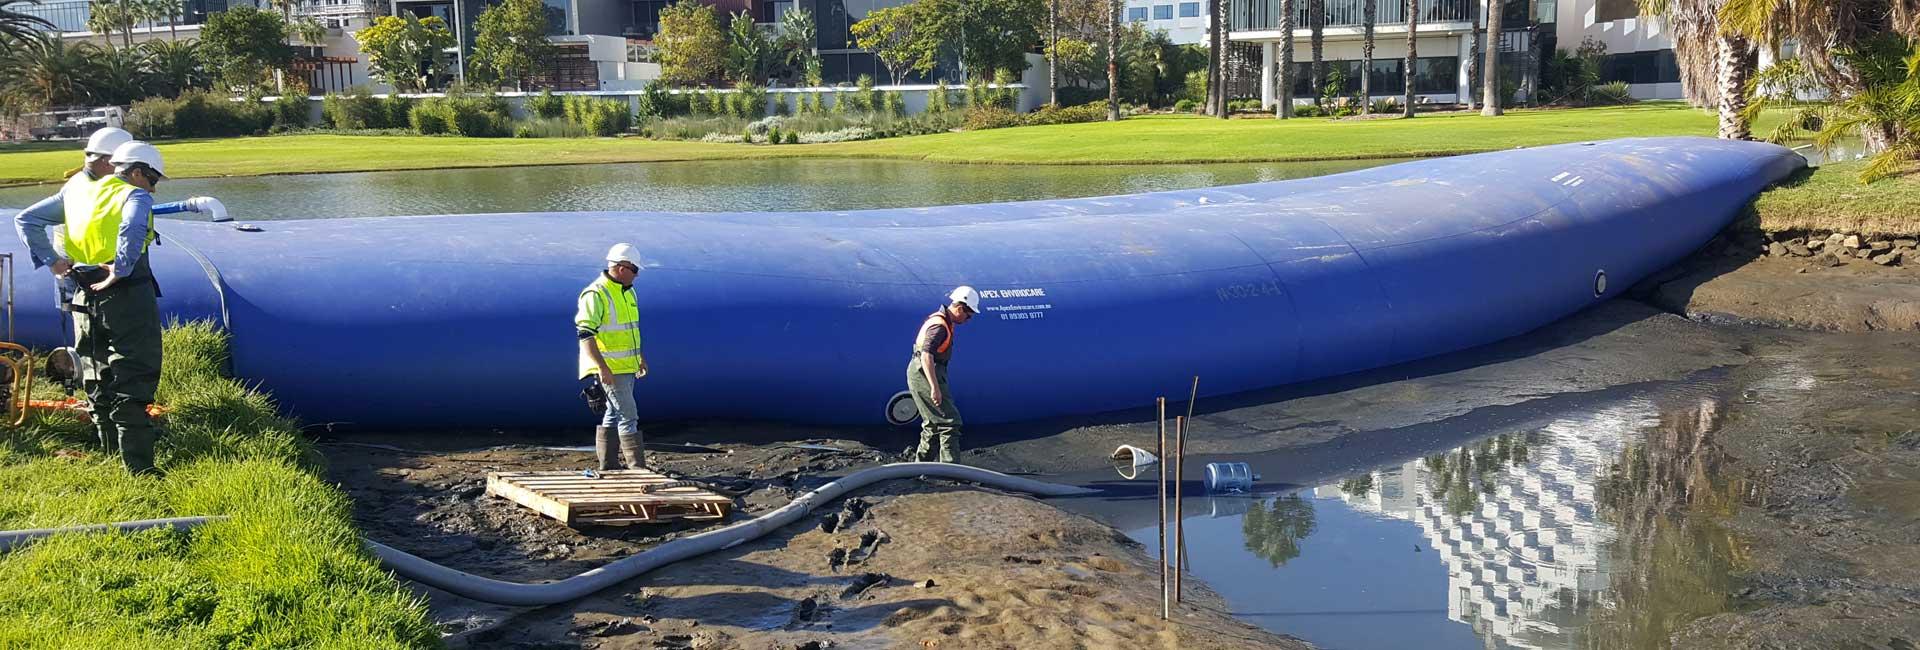 aqua-barriers-slide1